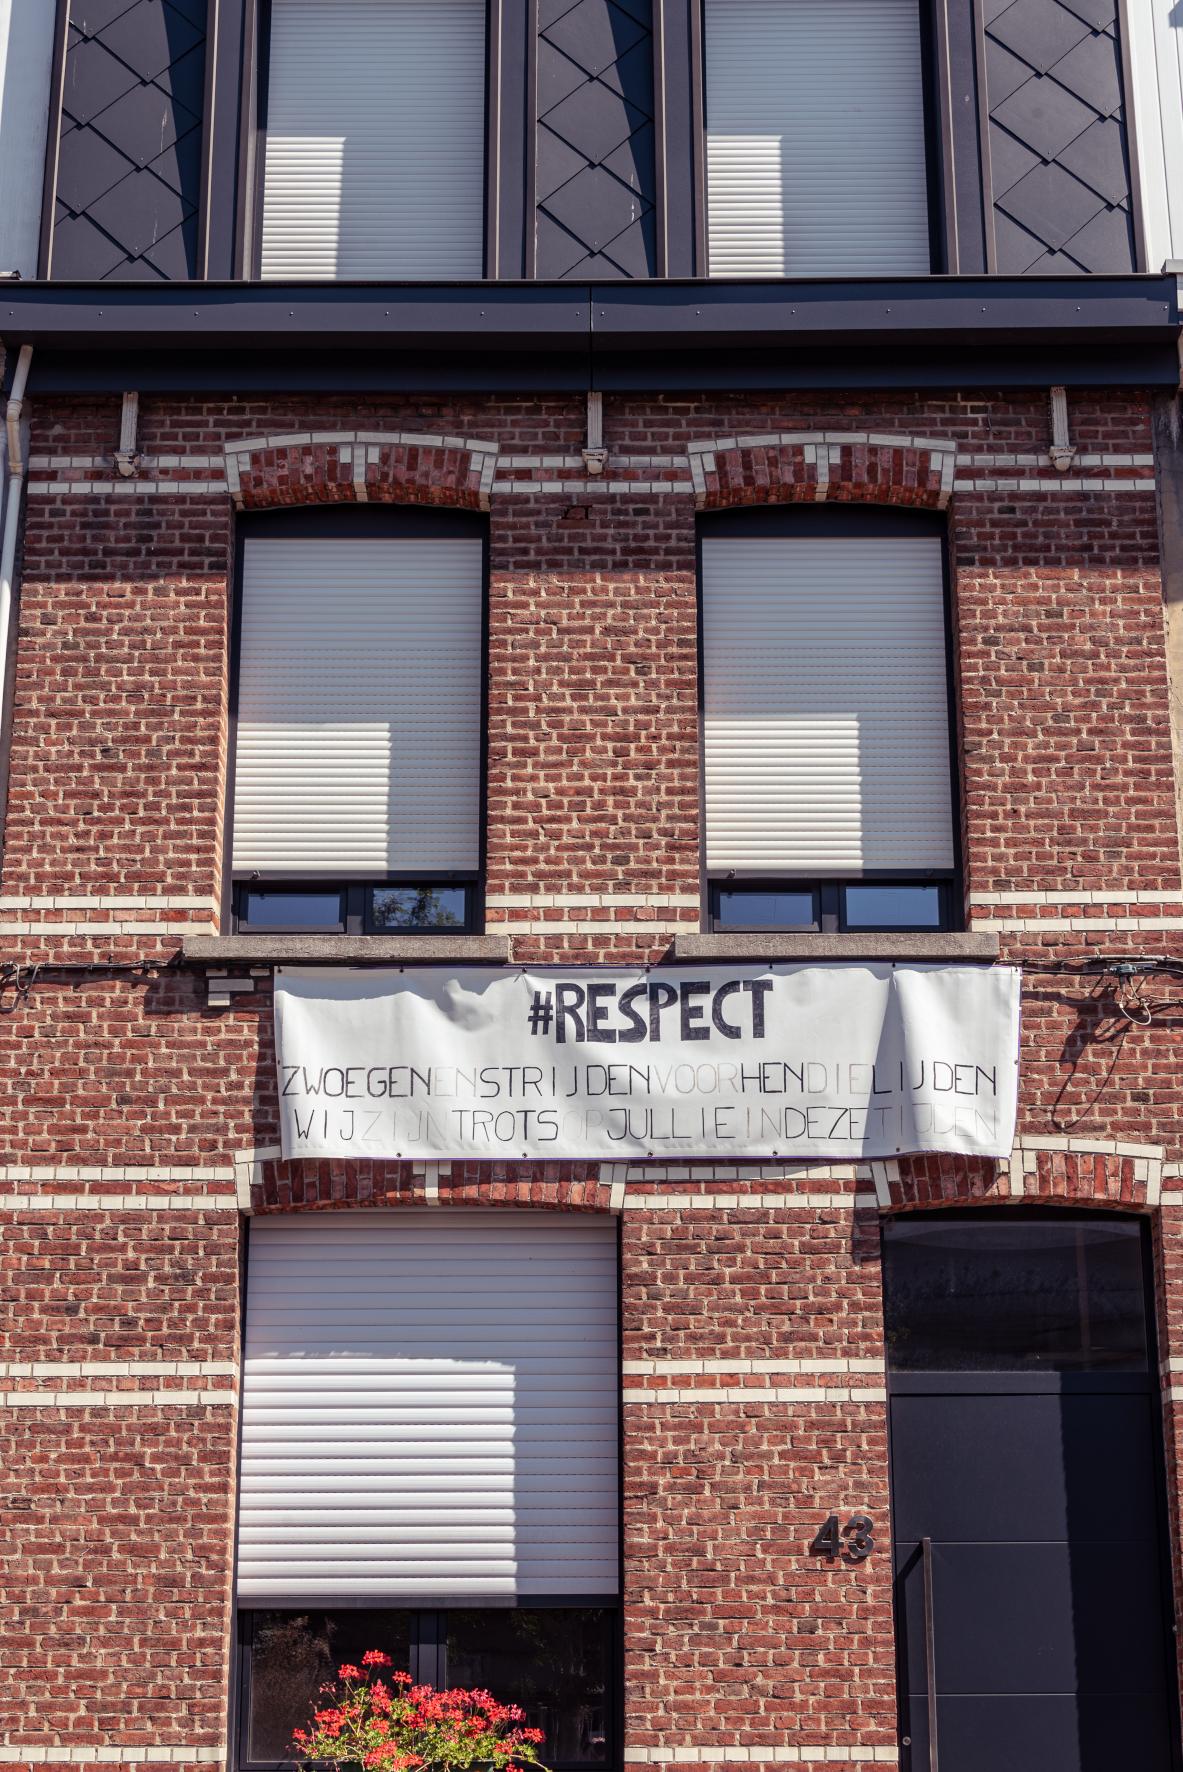 Familie Van Sonhoven - Tas, spandoek #Respect, collectie MAS, inv.nr MAS.0328.007.